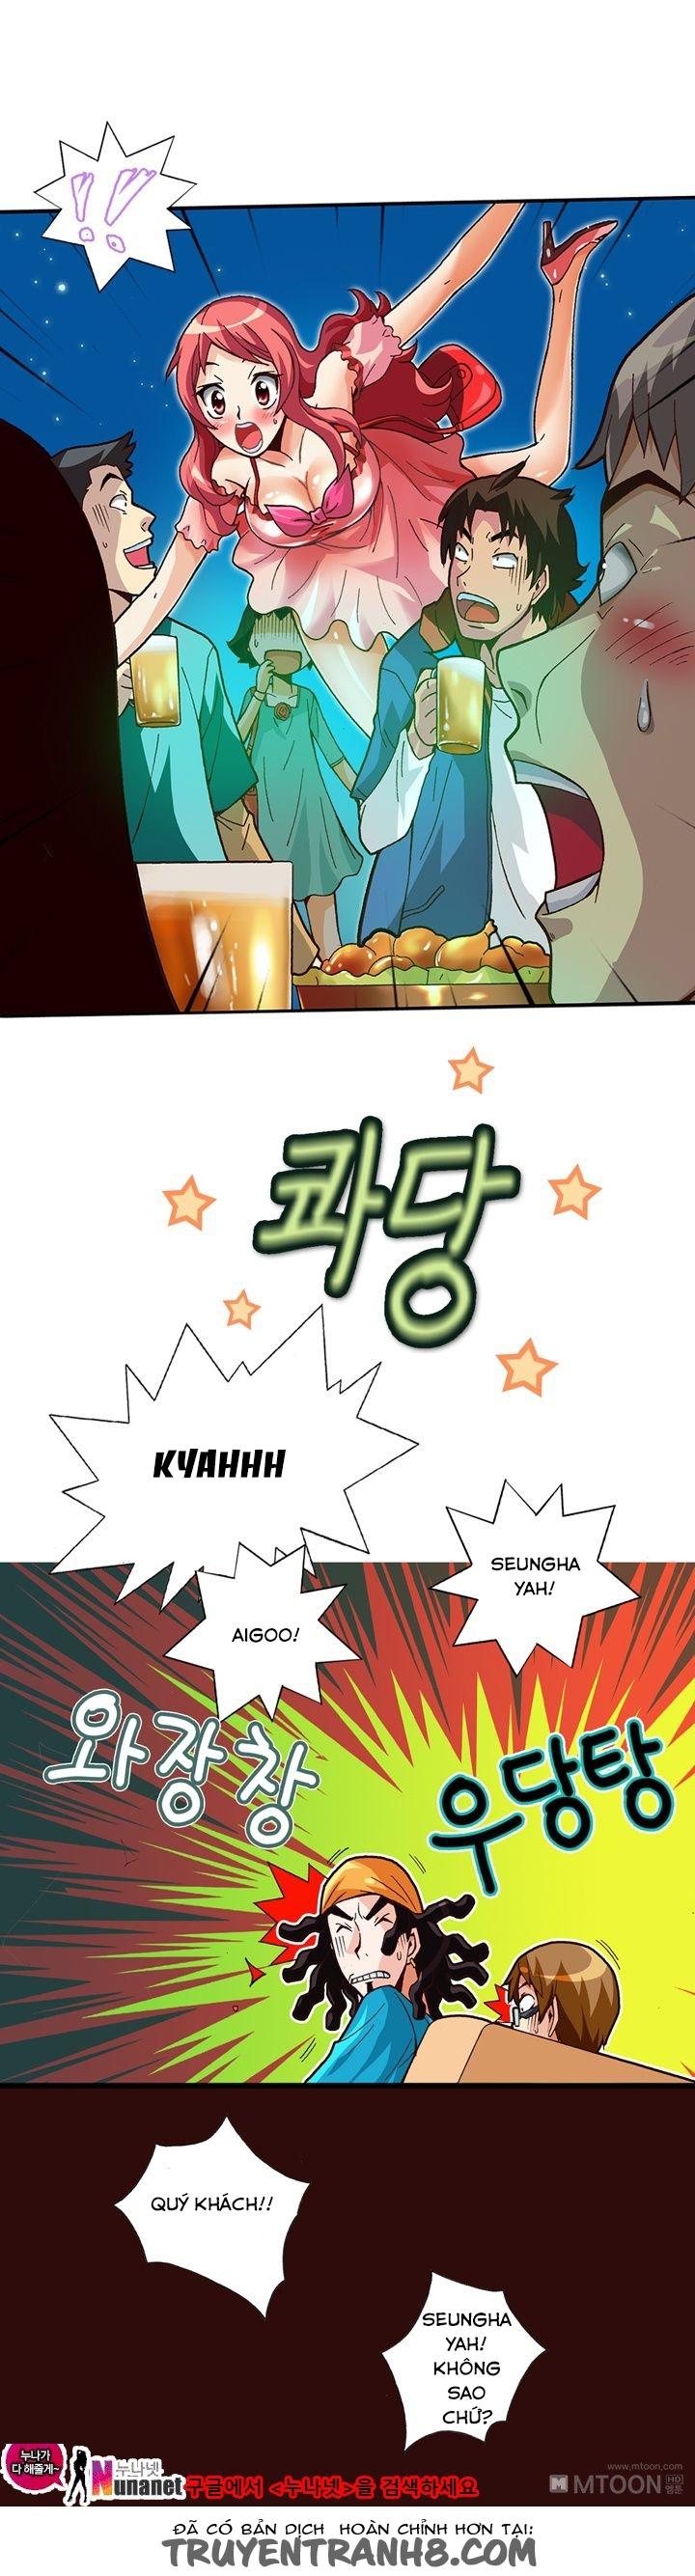 Hình ảnh 10 trong bài viết [Siêu phẩm] Hentai Màu Xin lỗi tớ thật dâm đãng